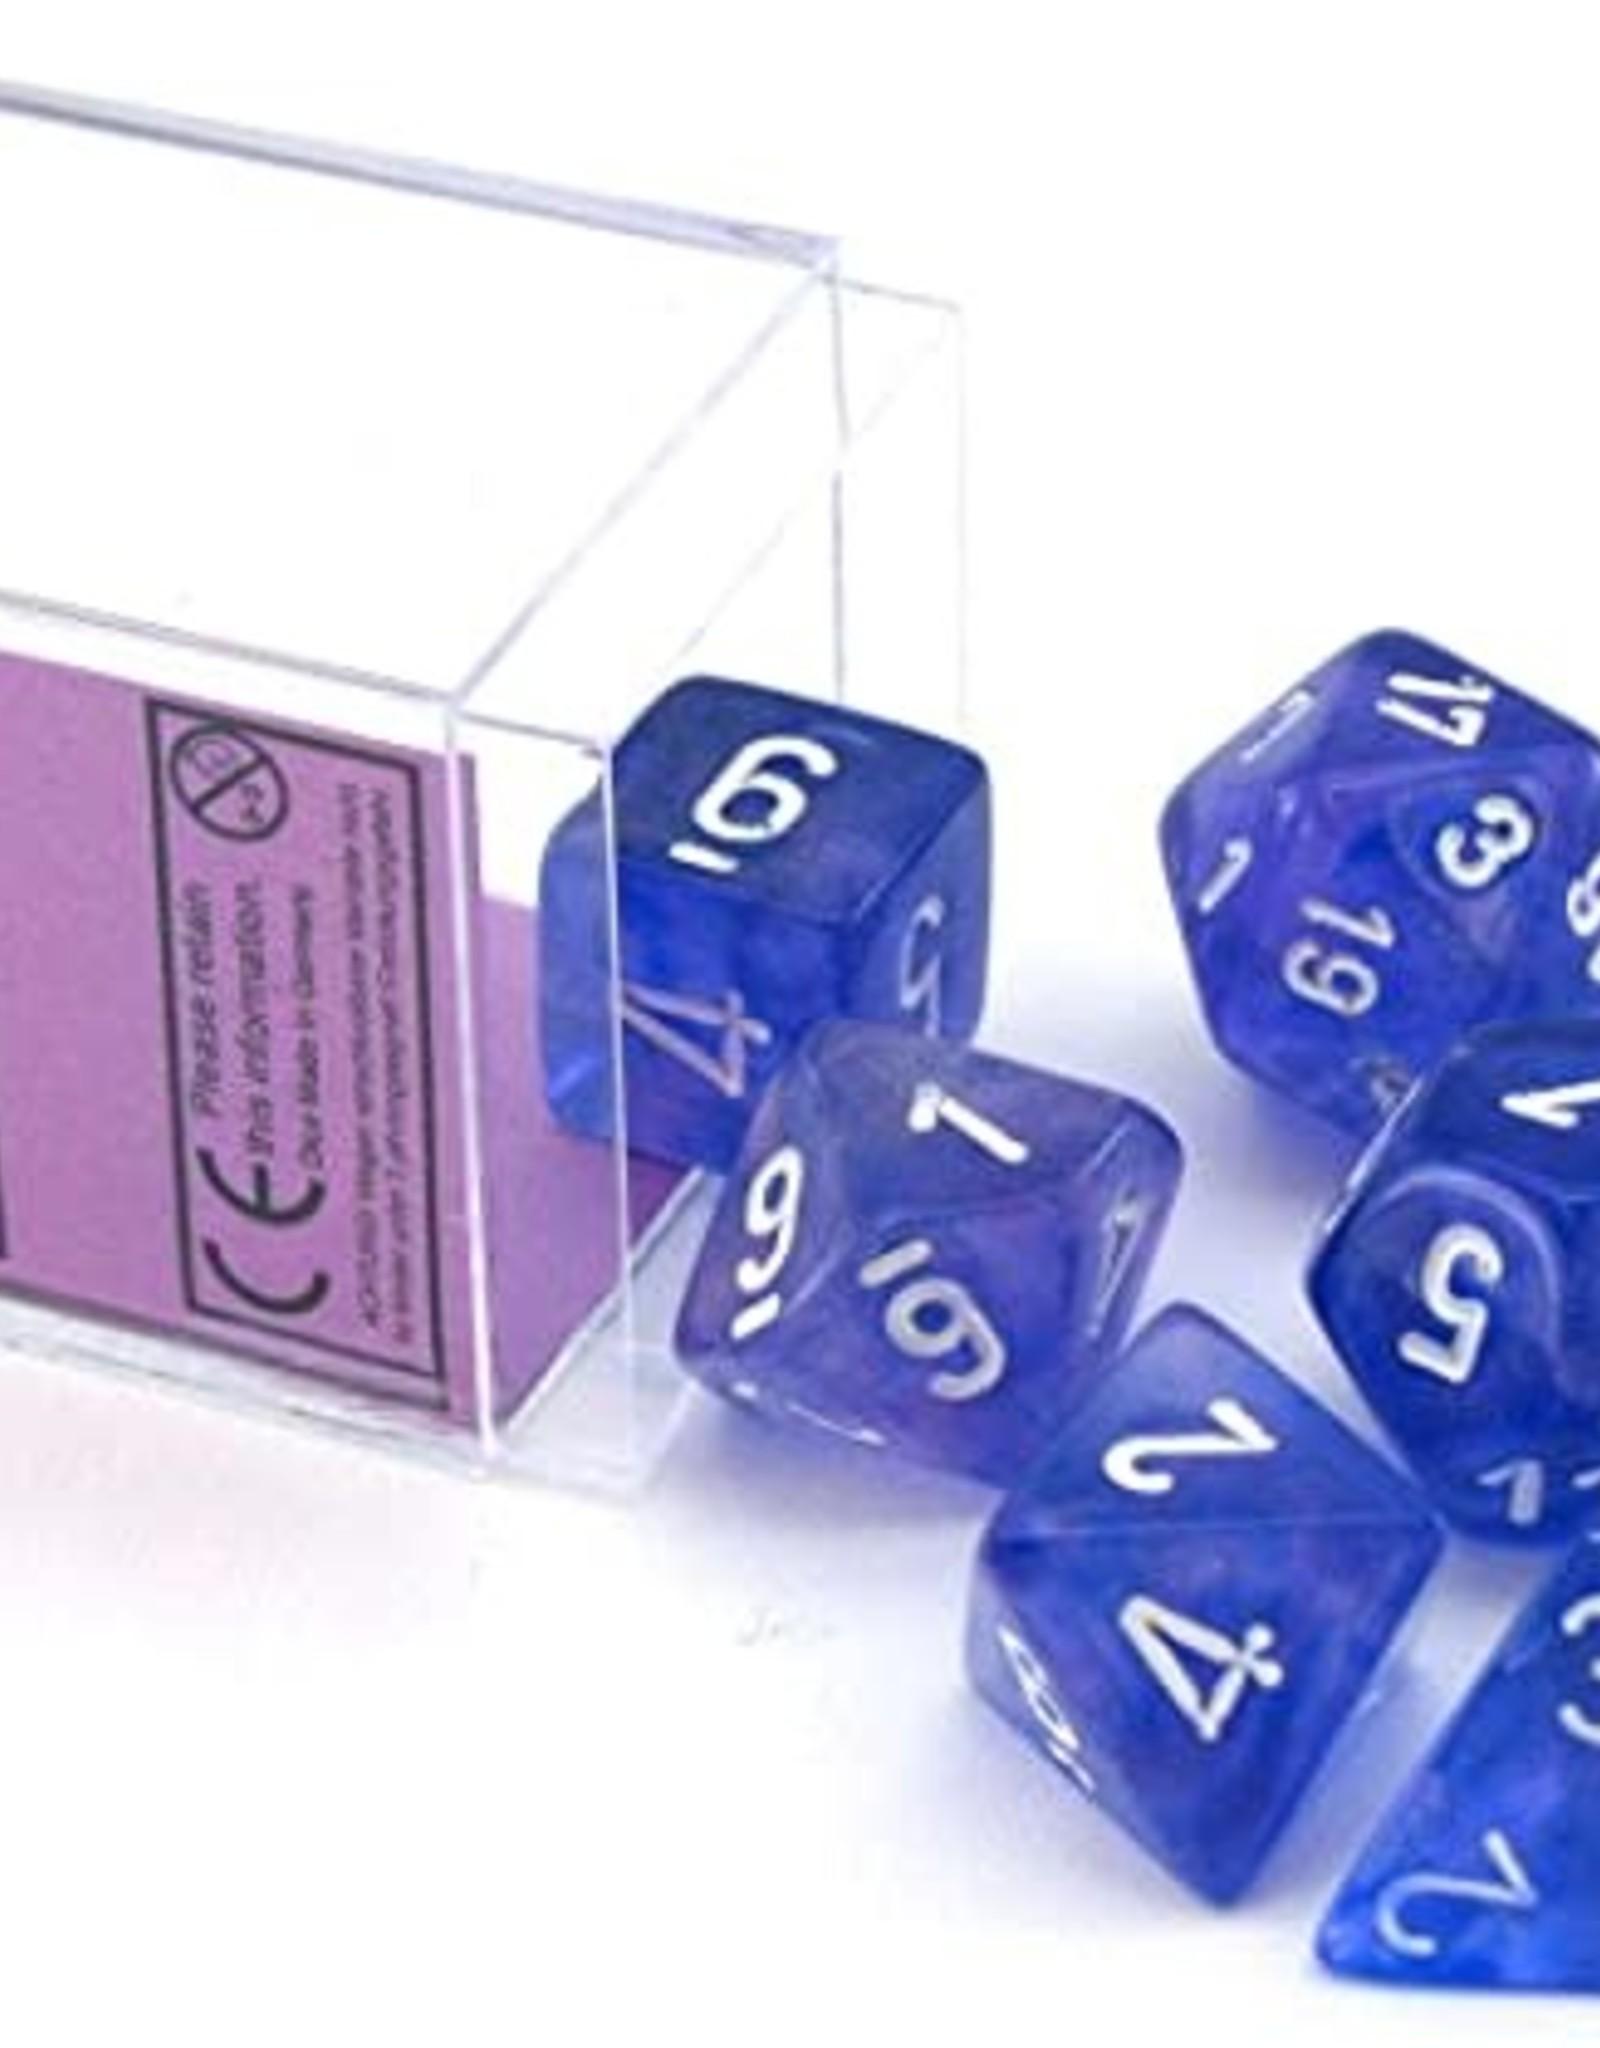 Chessex Borealis Poly 7 set: Purple w/ White